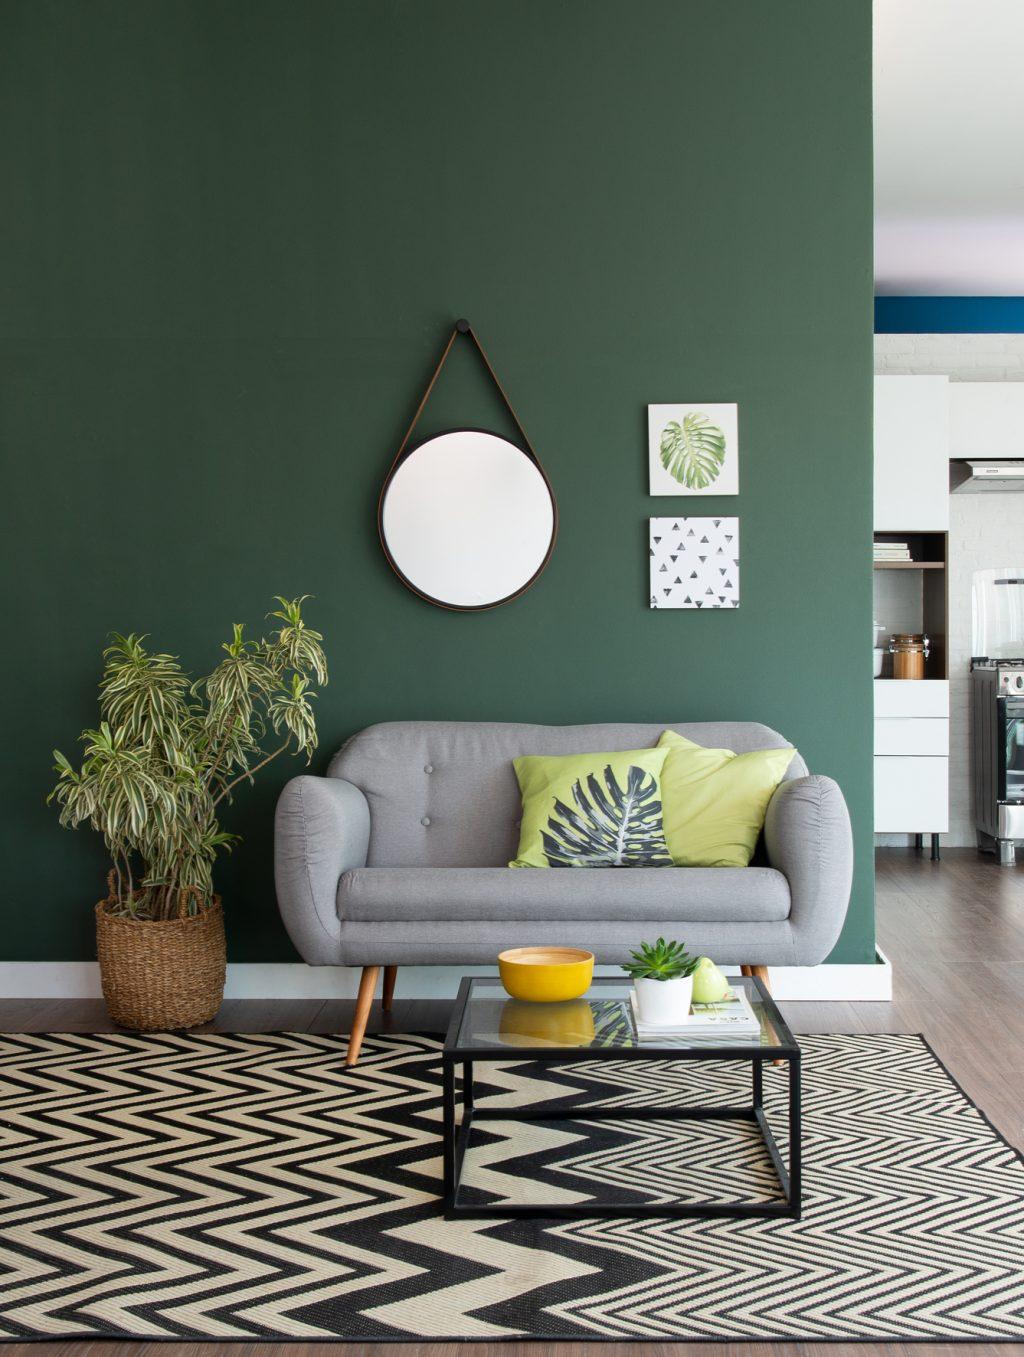 decoração de primavera na sala de estar verde com estampas de folhas